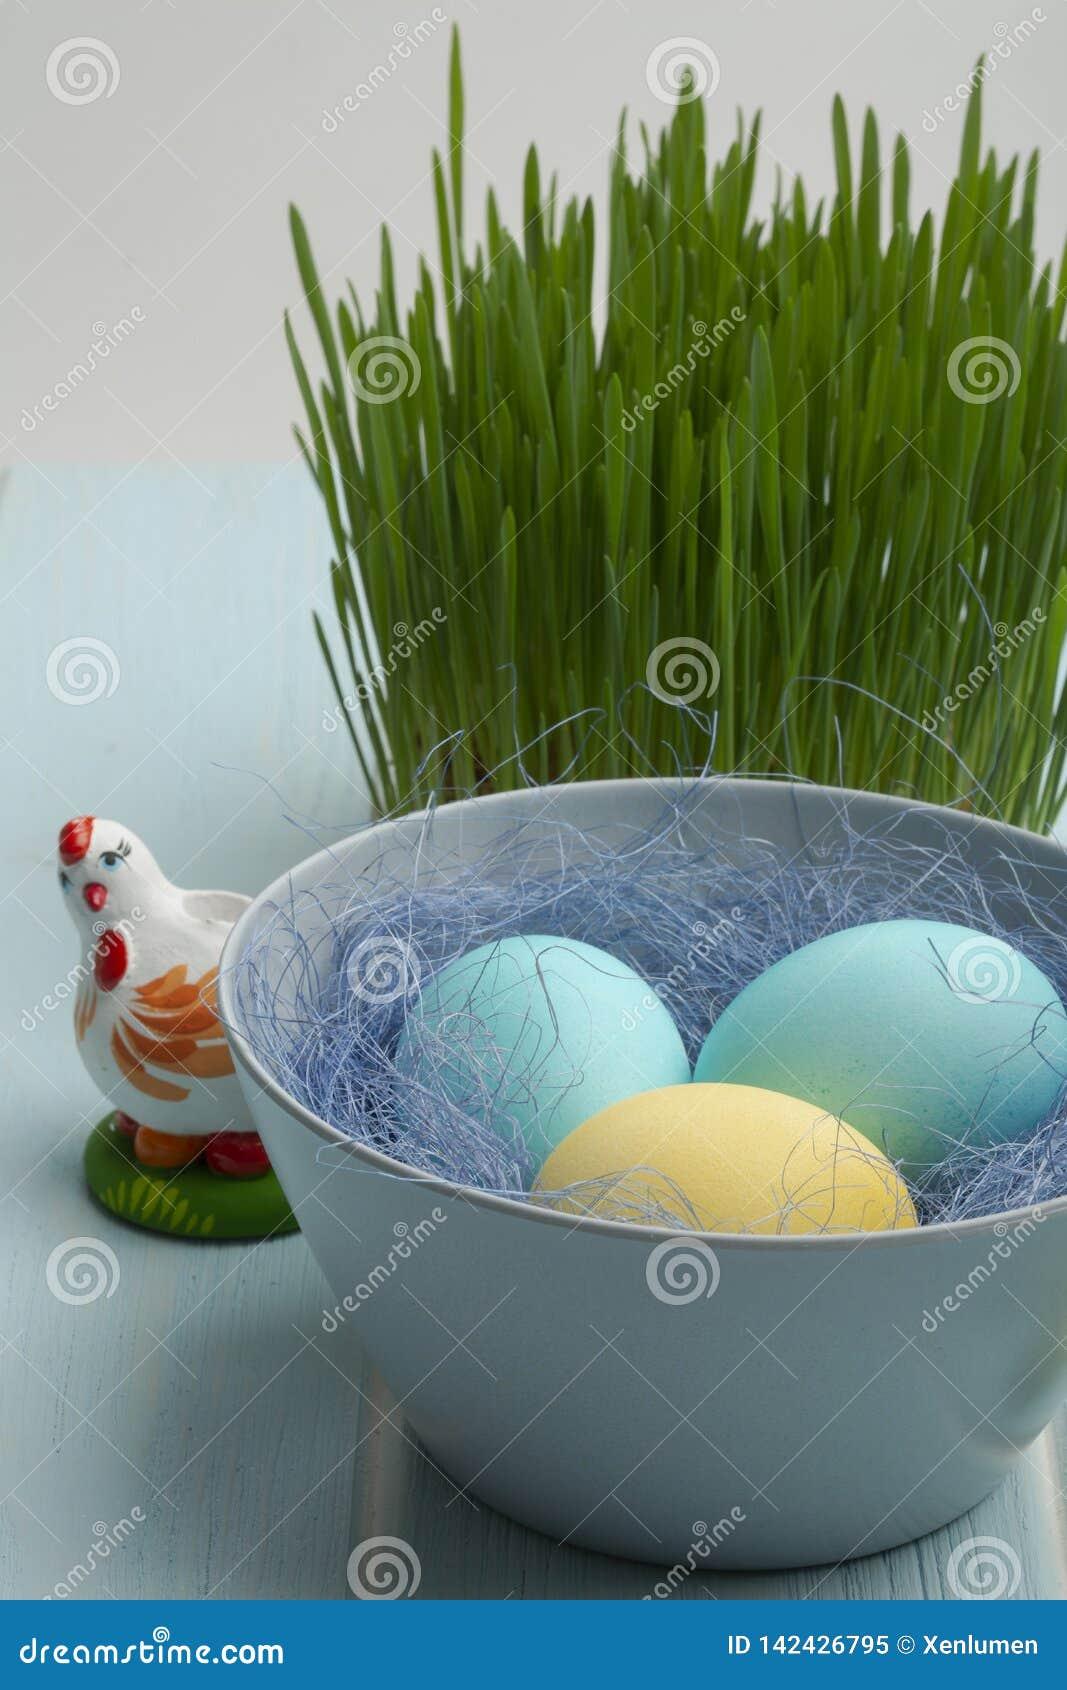 Dyed chiken Eier in einer Schüssel